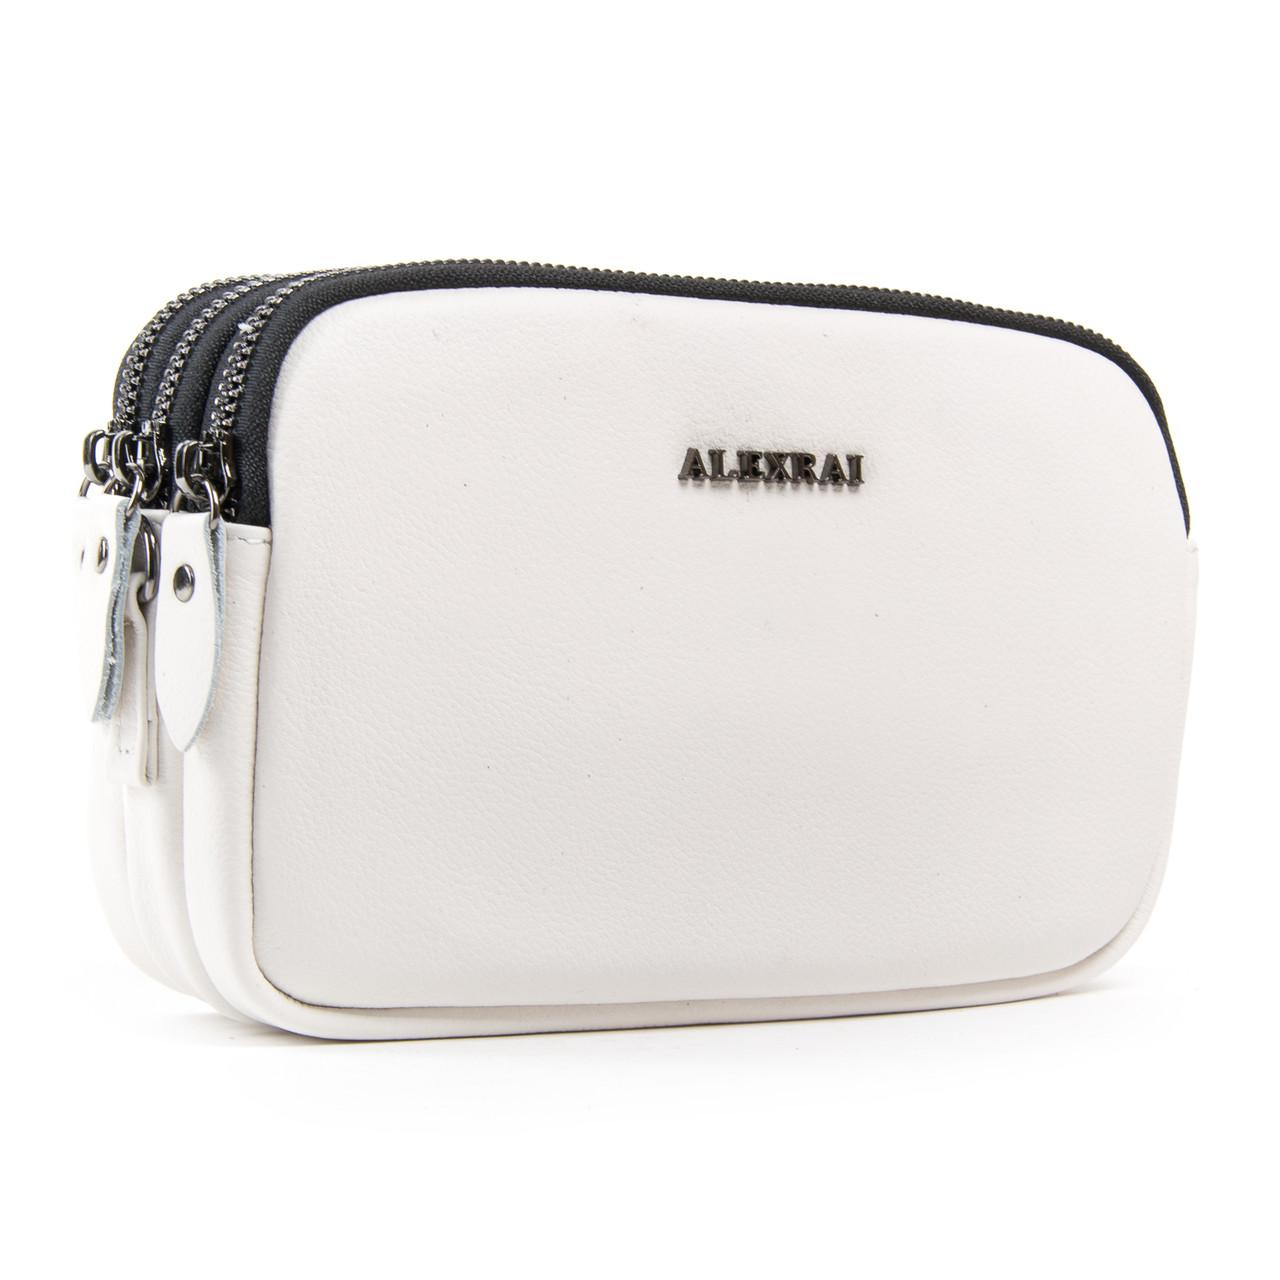 Сумка Женская Клатч кожа ALEX RAI 1-02 60061-11 белая